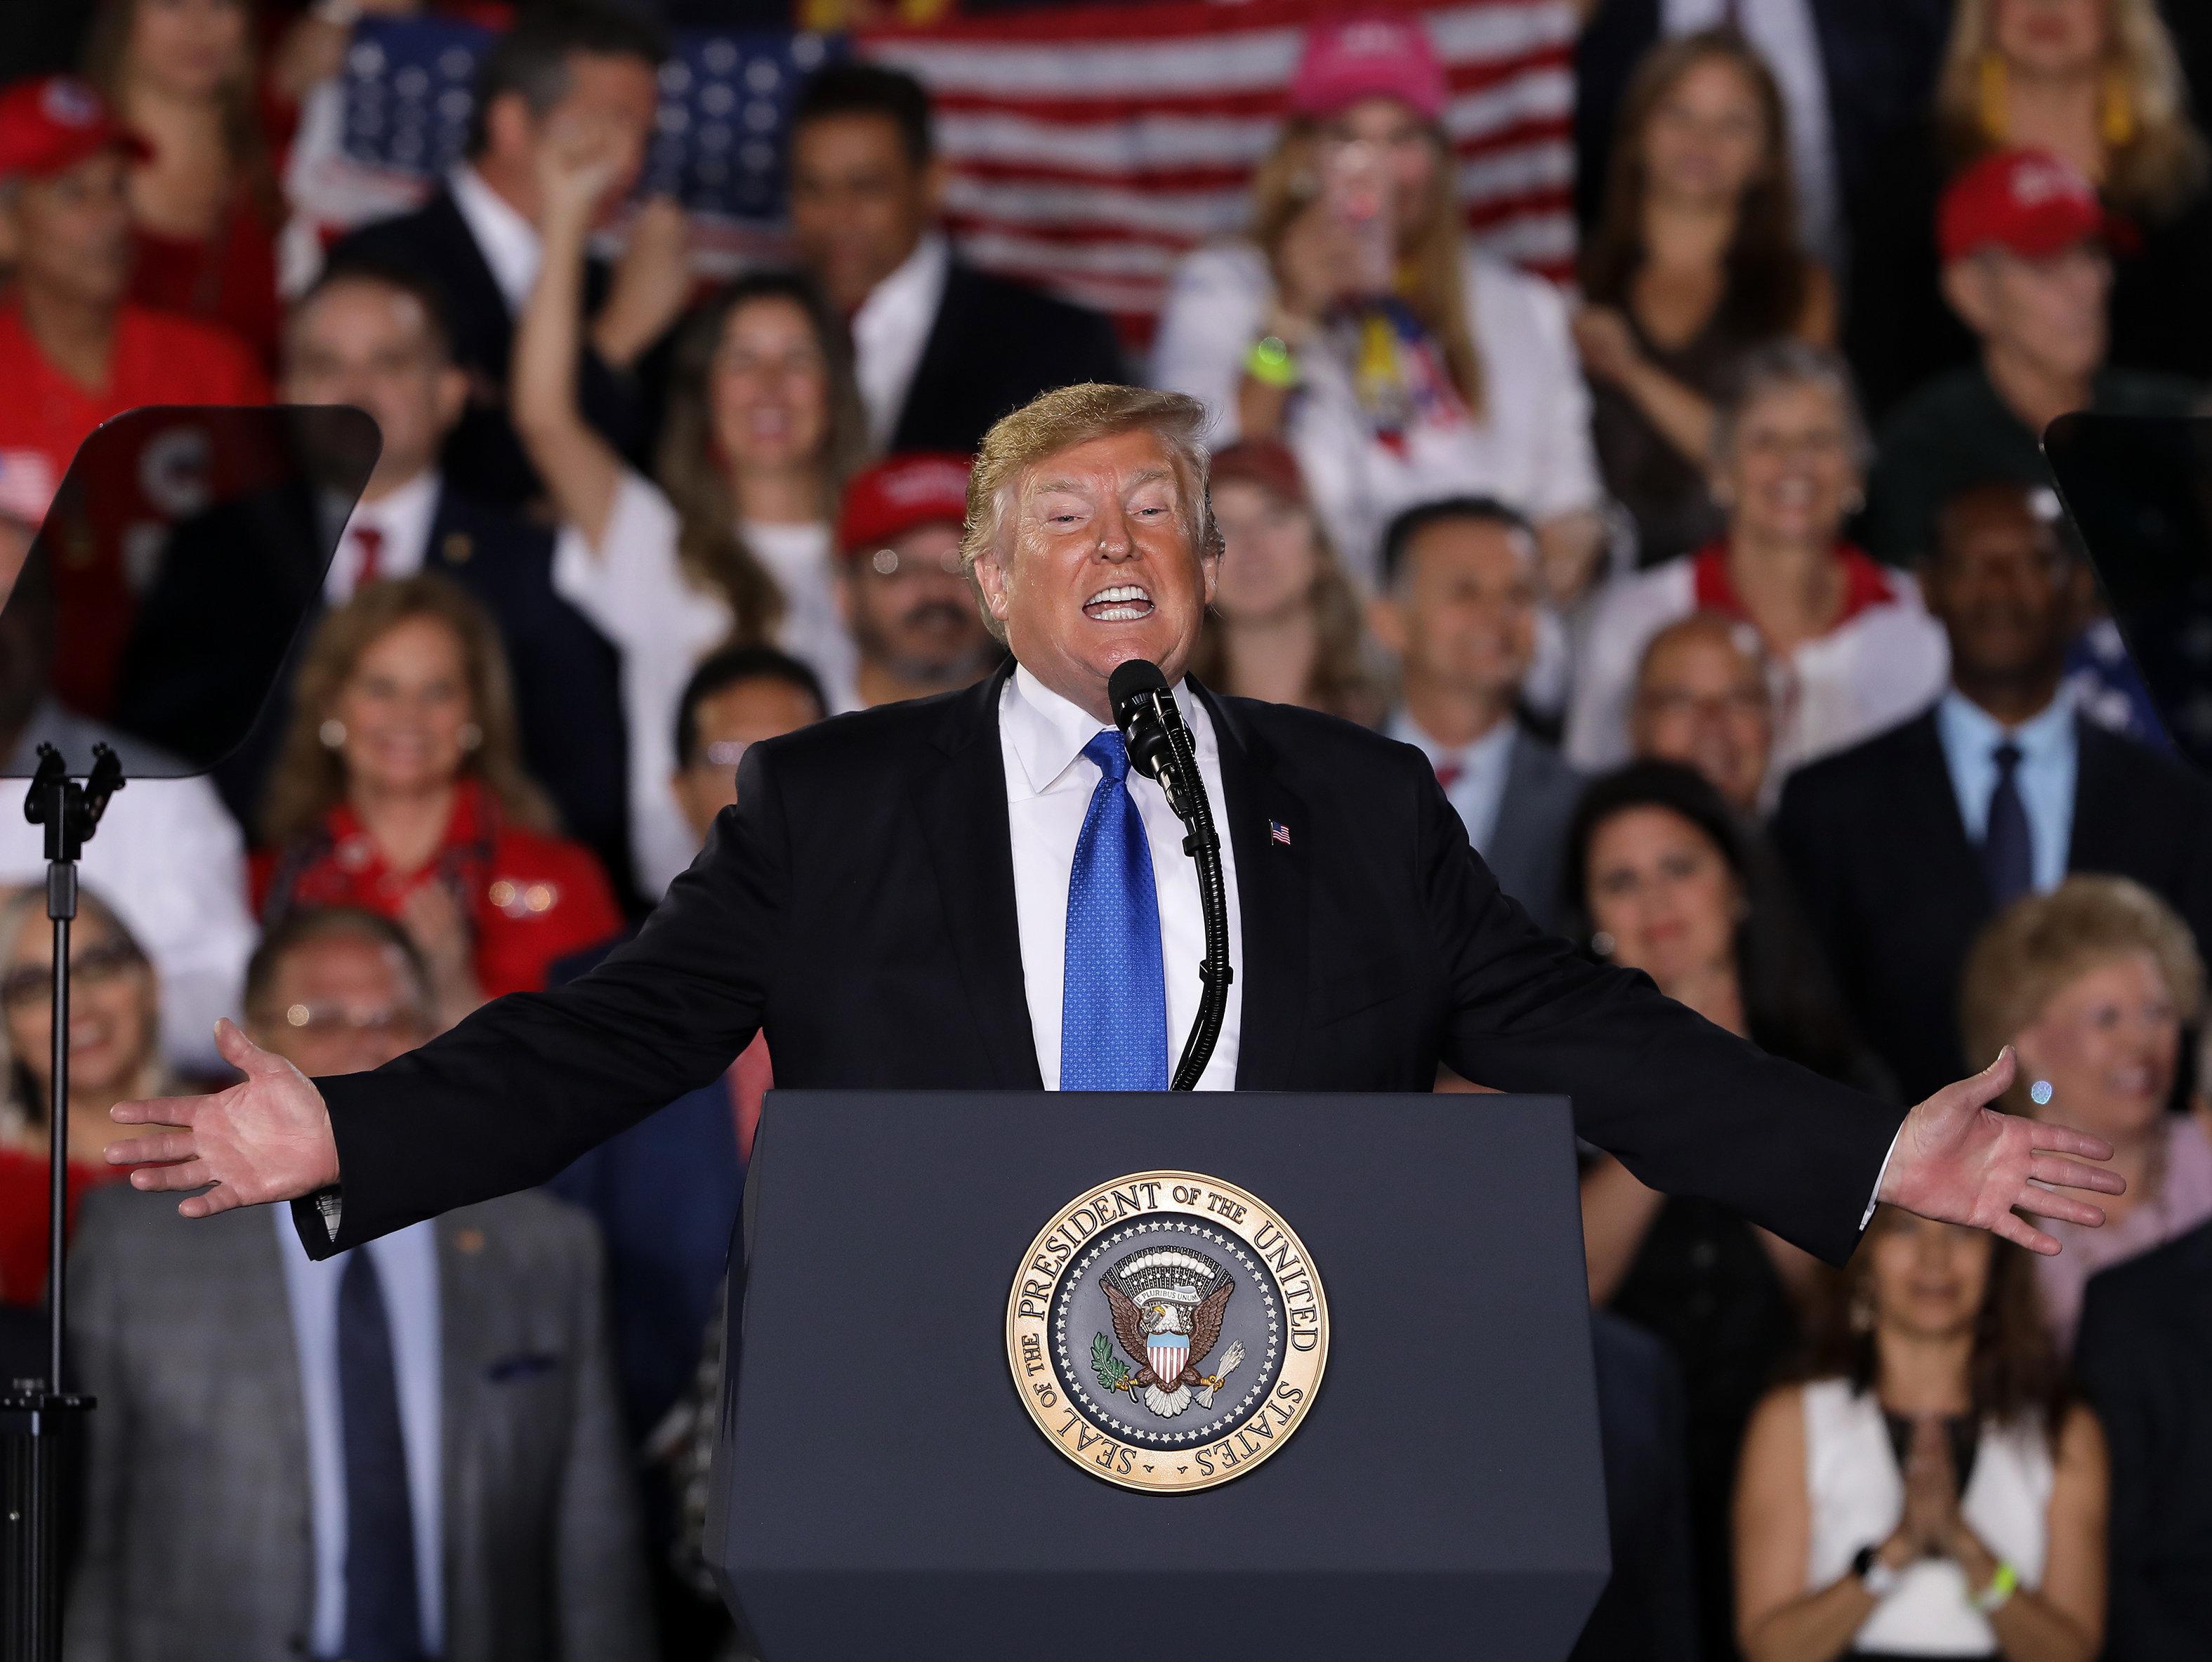 MIAMI, FL - FEB 18: President Donald J. Trump is seen during President Donald J. Trump Remarks to the Venezuelan American Community on February 18, 2019 in Miami, Florida. (Photo by Alberto E. Tamargo/Sipa USA)